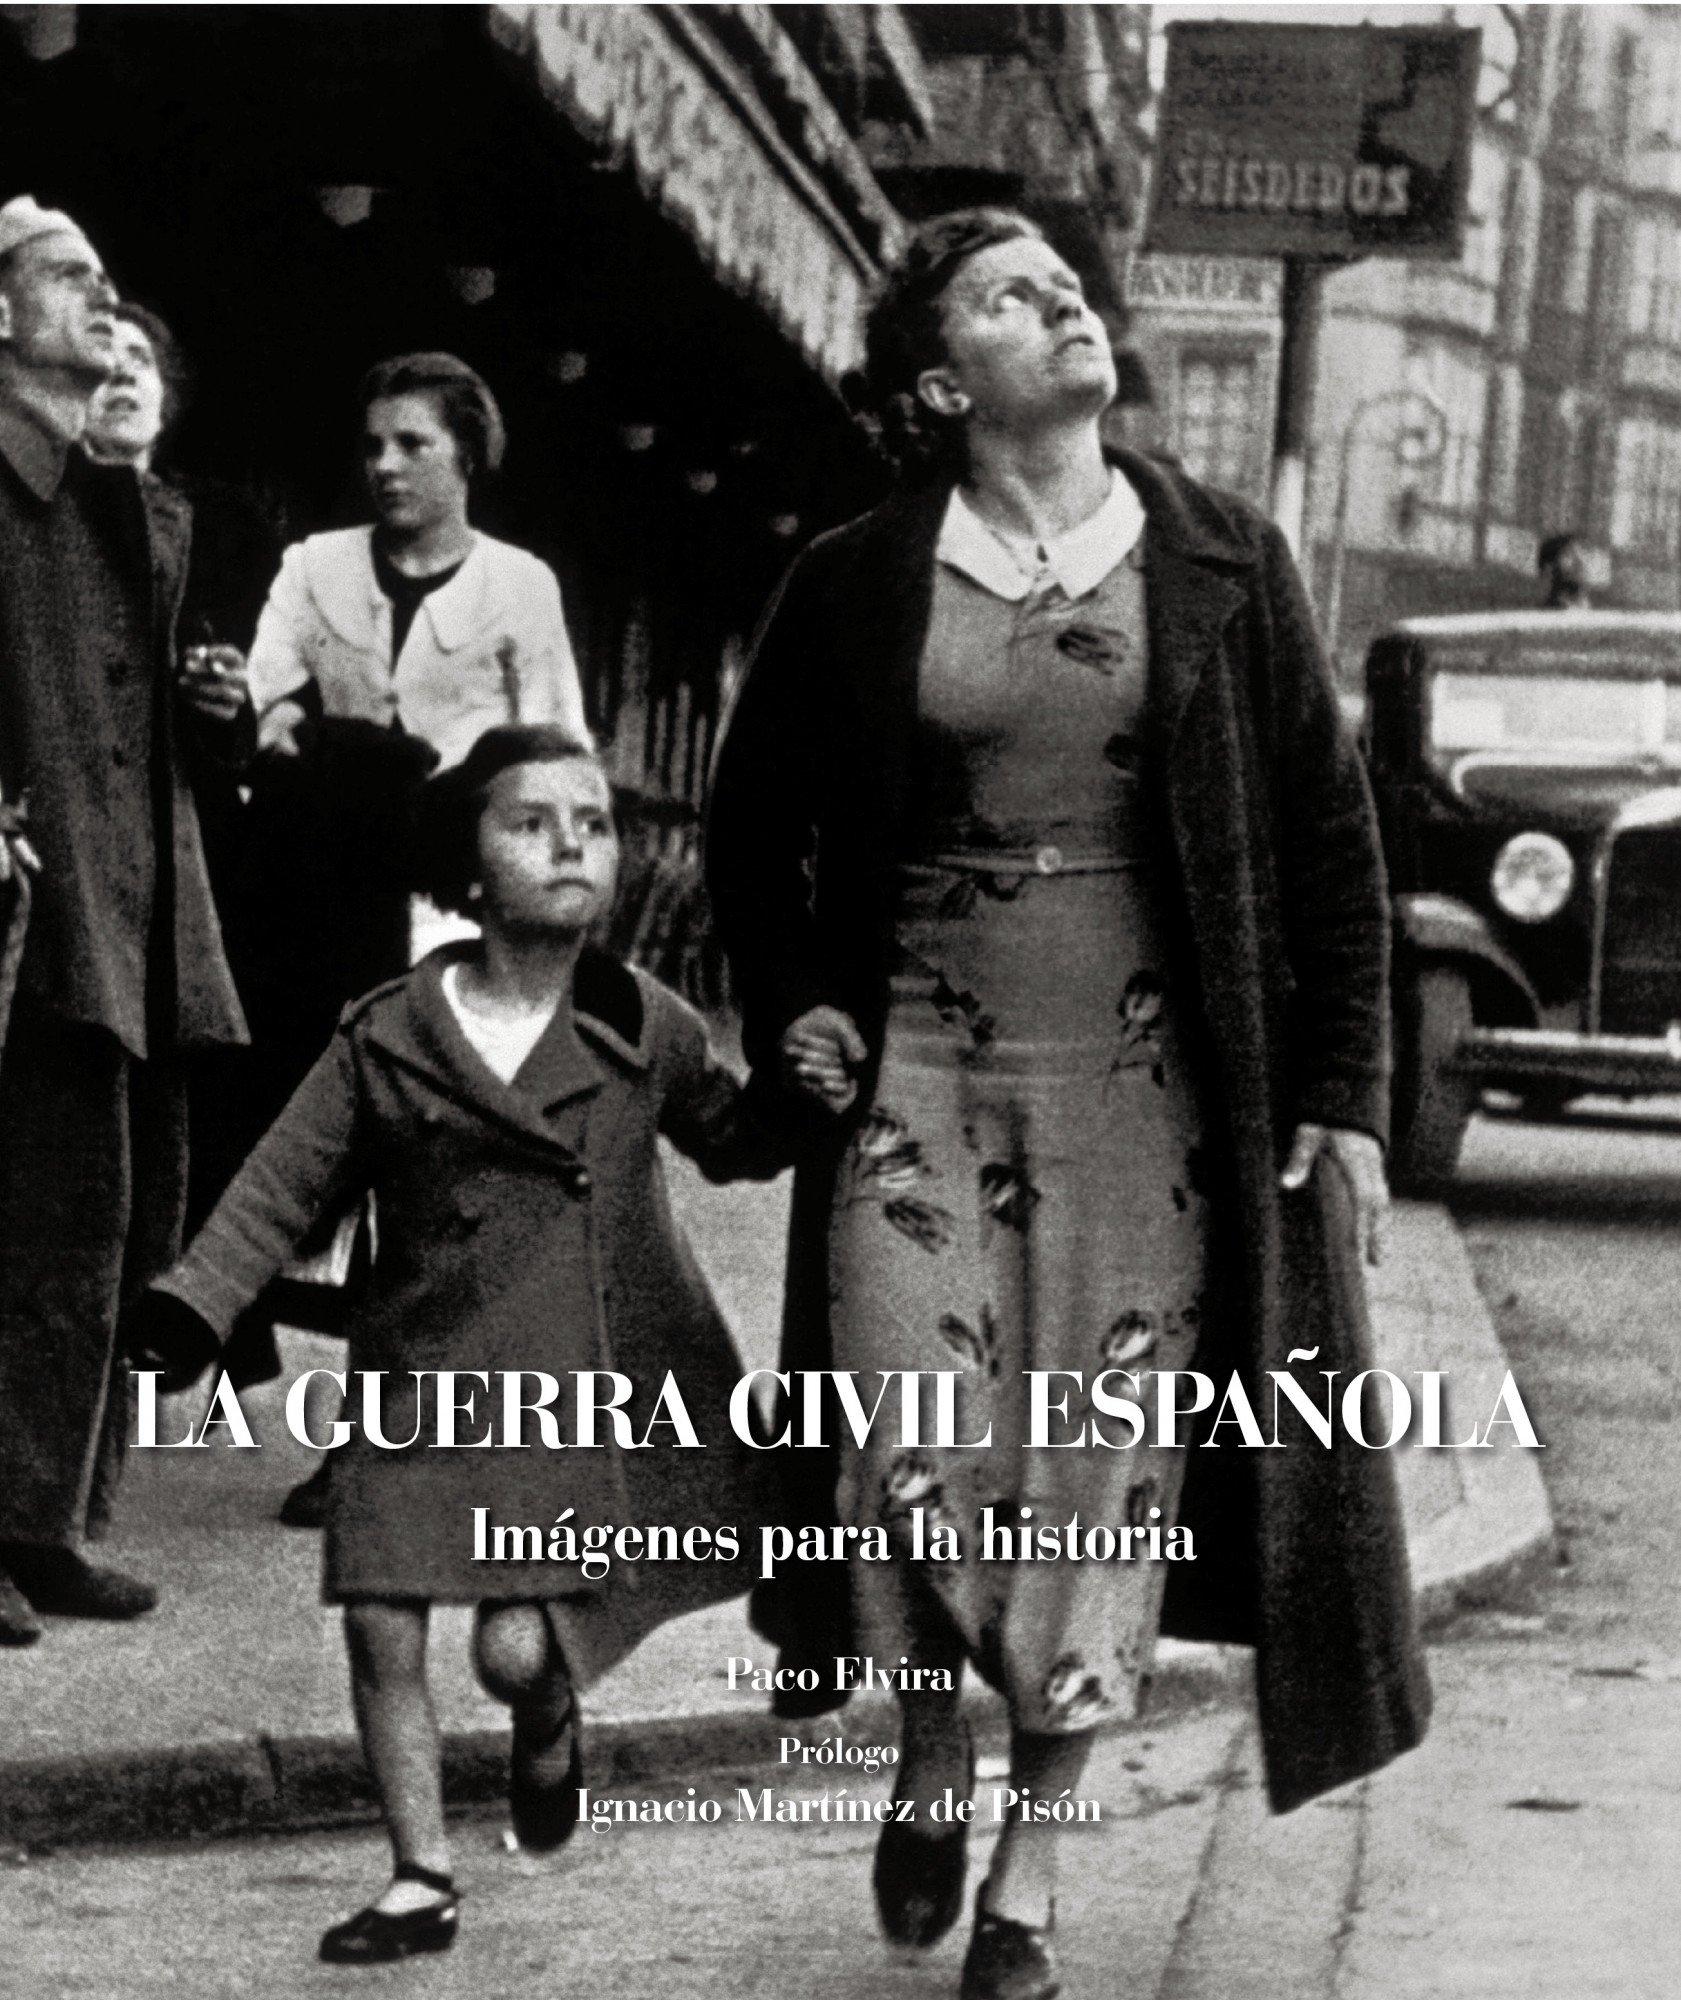 La guerra civil española. Imágenes para la historia Lunwerg Fotoperiodismo: Amazon.es: Elvira, Paco: Libros